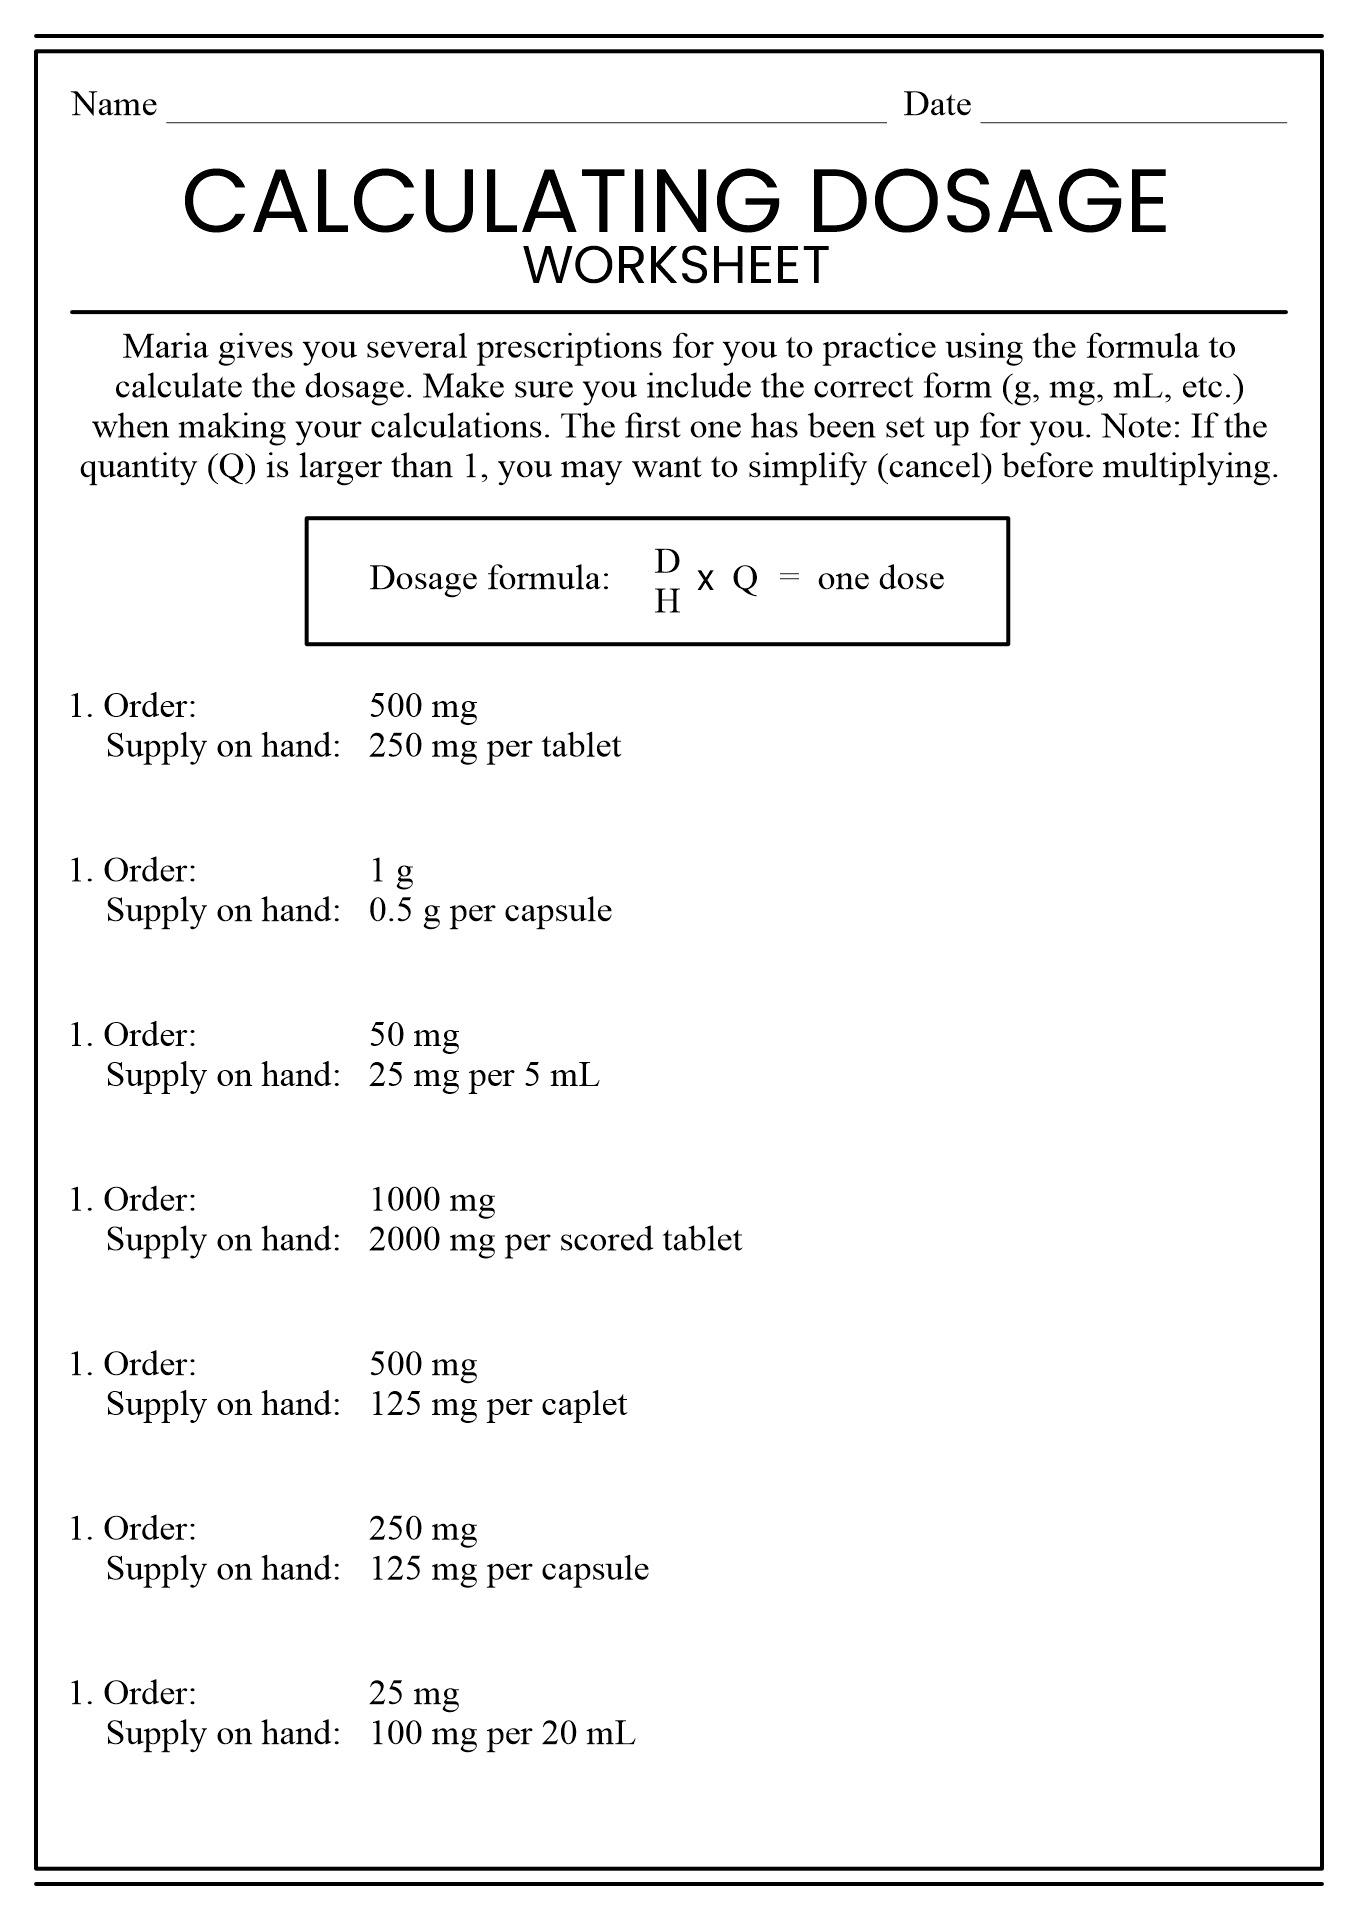 16 Best Images of Nursing Math Worksheets  Nursing Dosage Calculations Practice Problems, Free